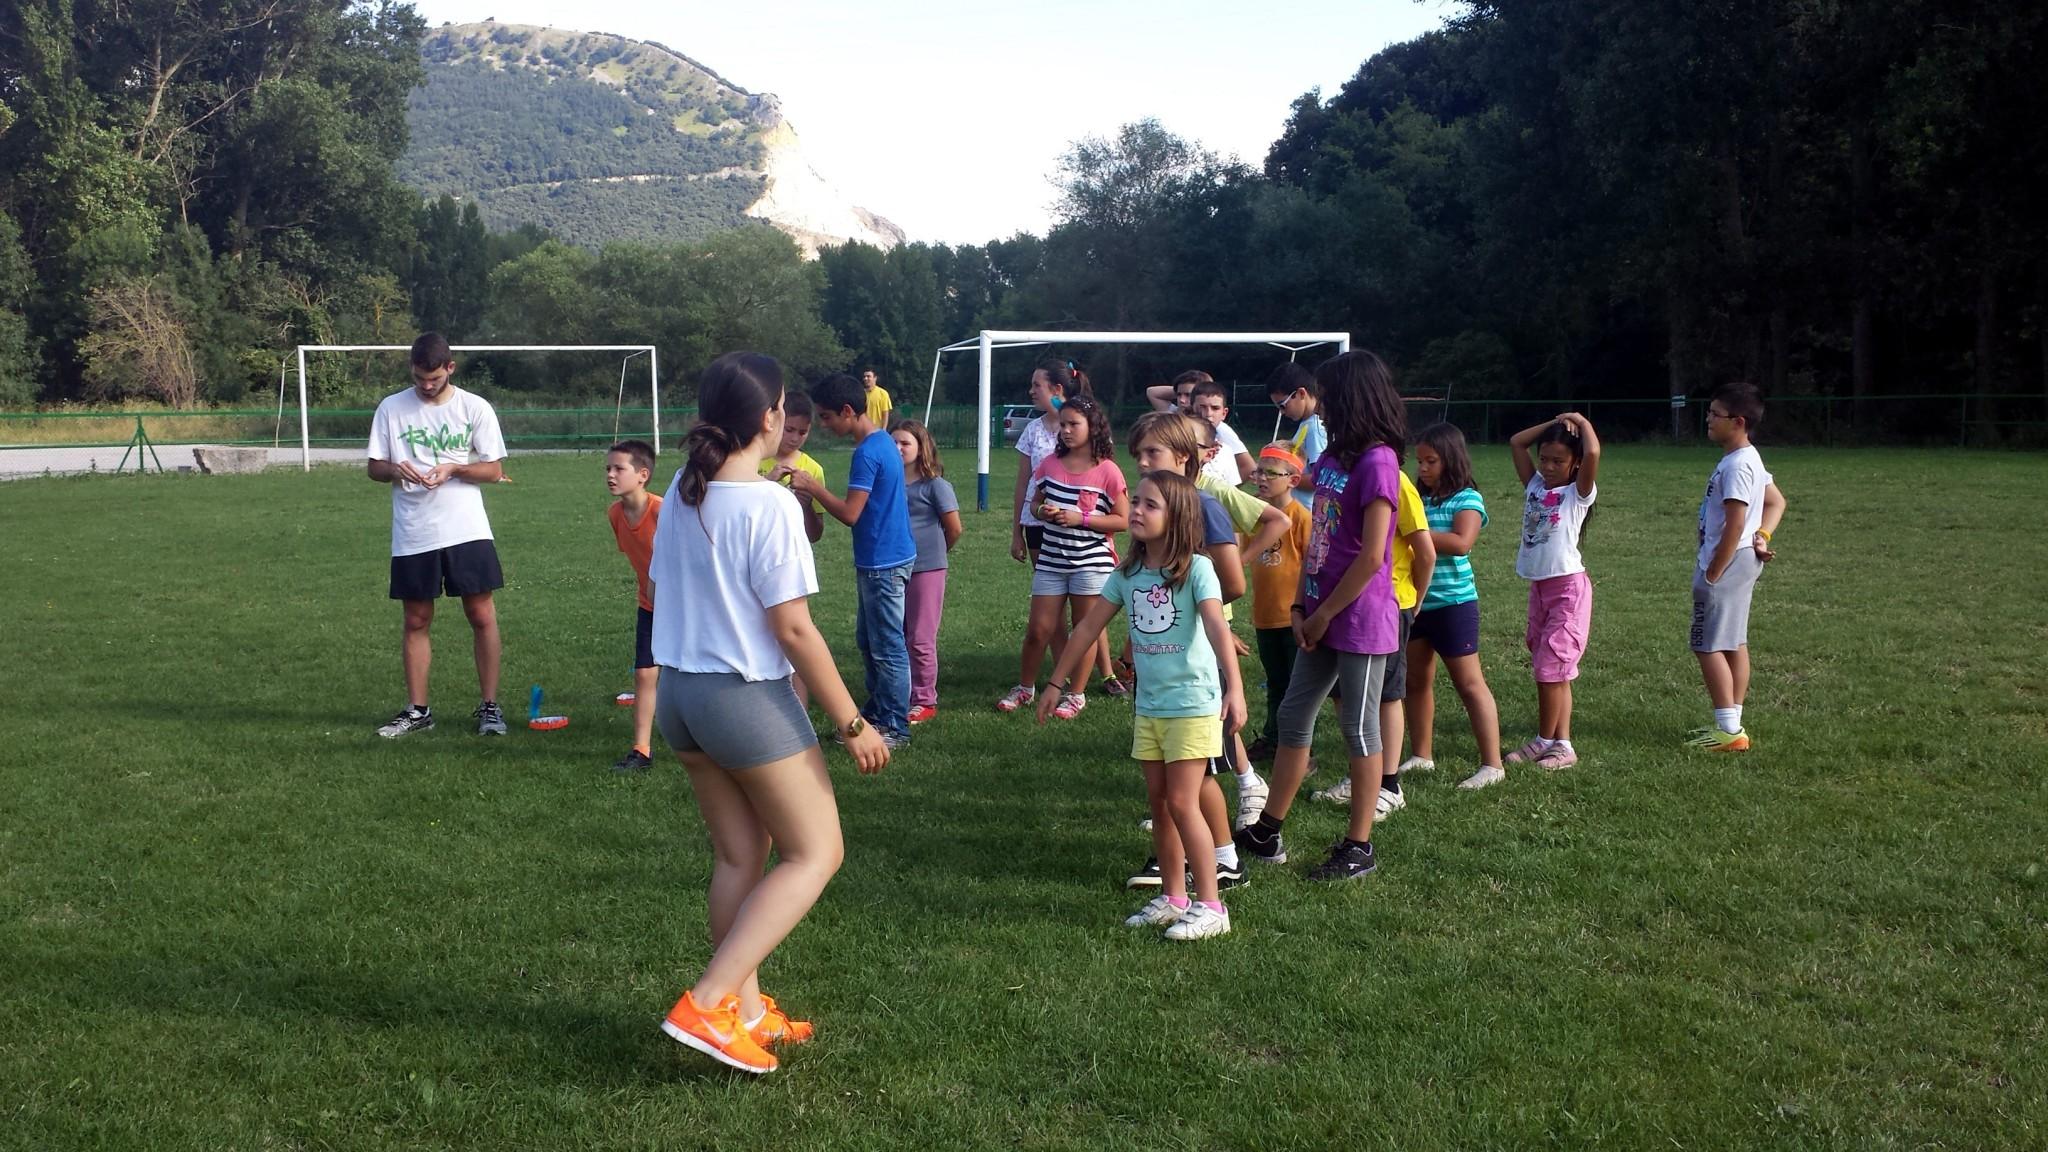 Campamentos de verano en España Navarra niños adolescentes jóvenes juegos deportes Grupo Joven